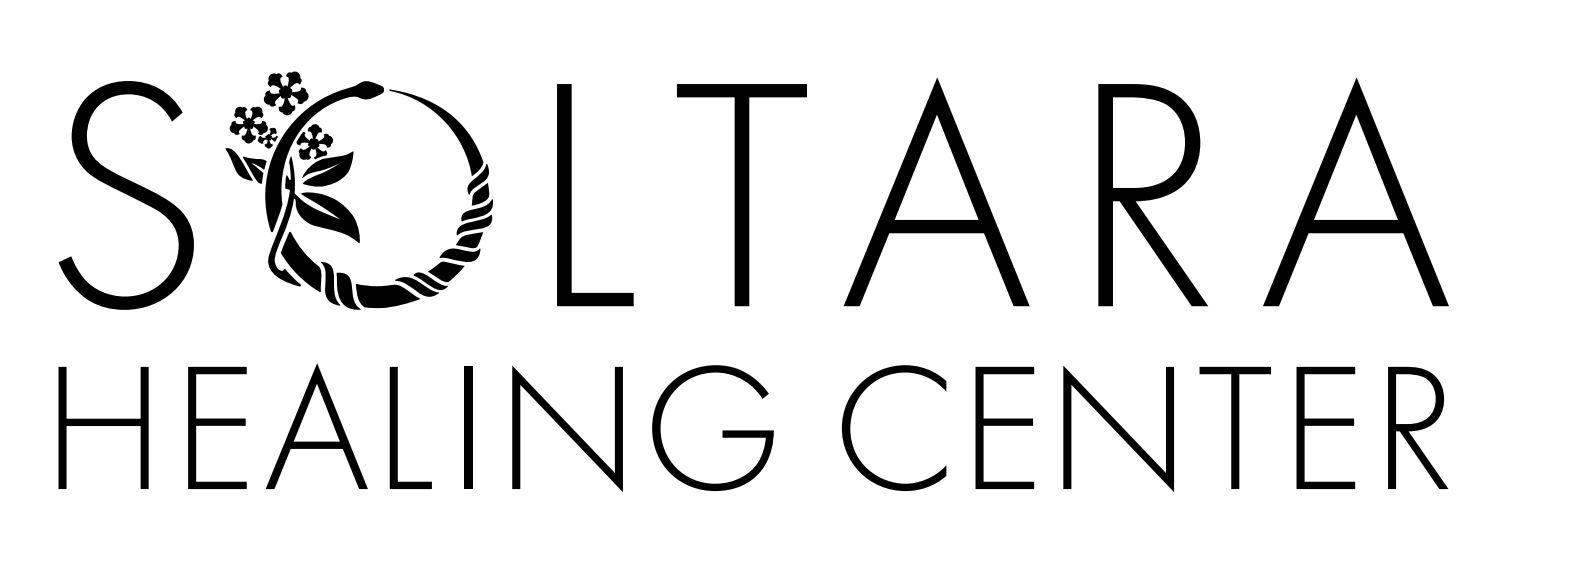 Soltara Healing Center Text Logo-solid (1).JPG